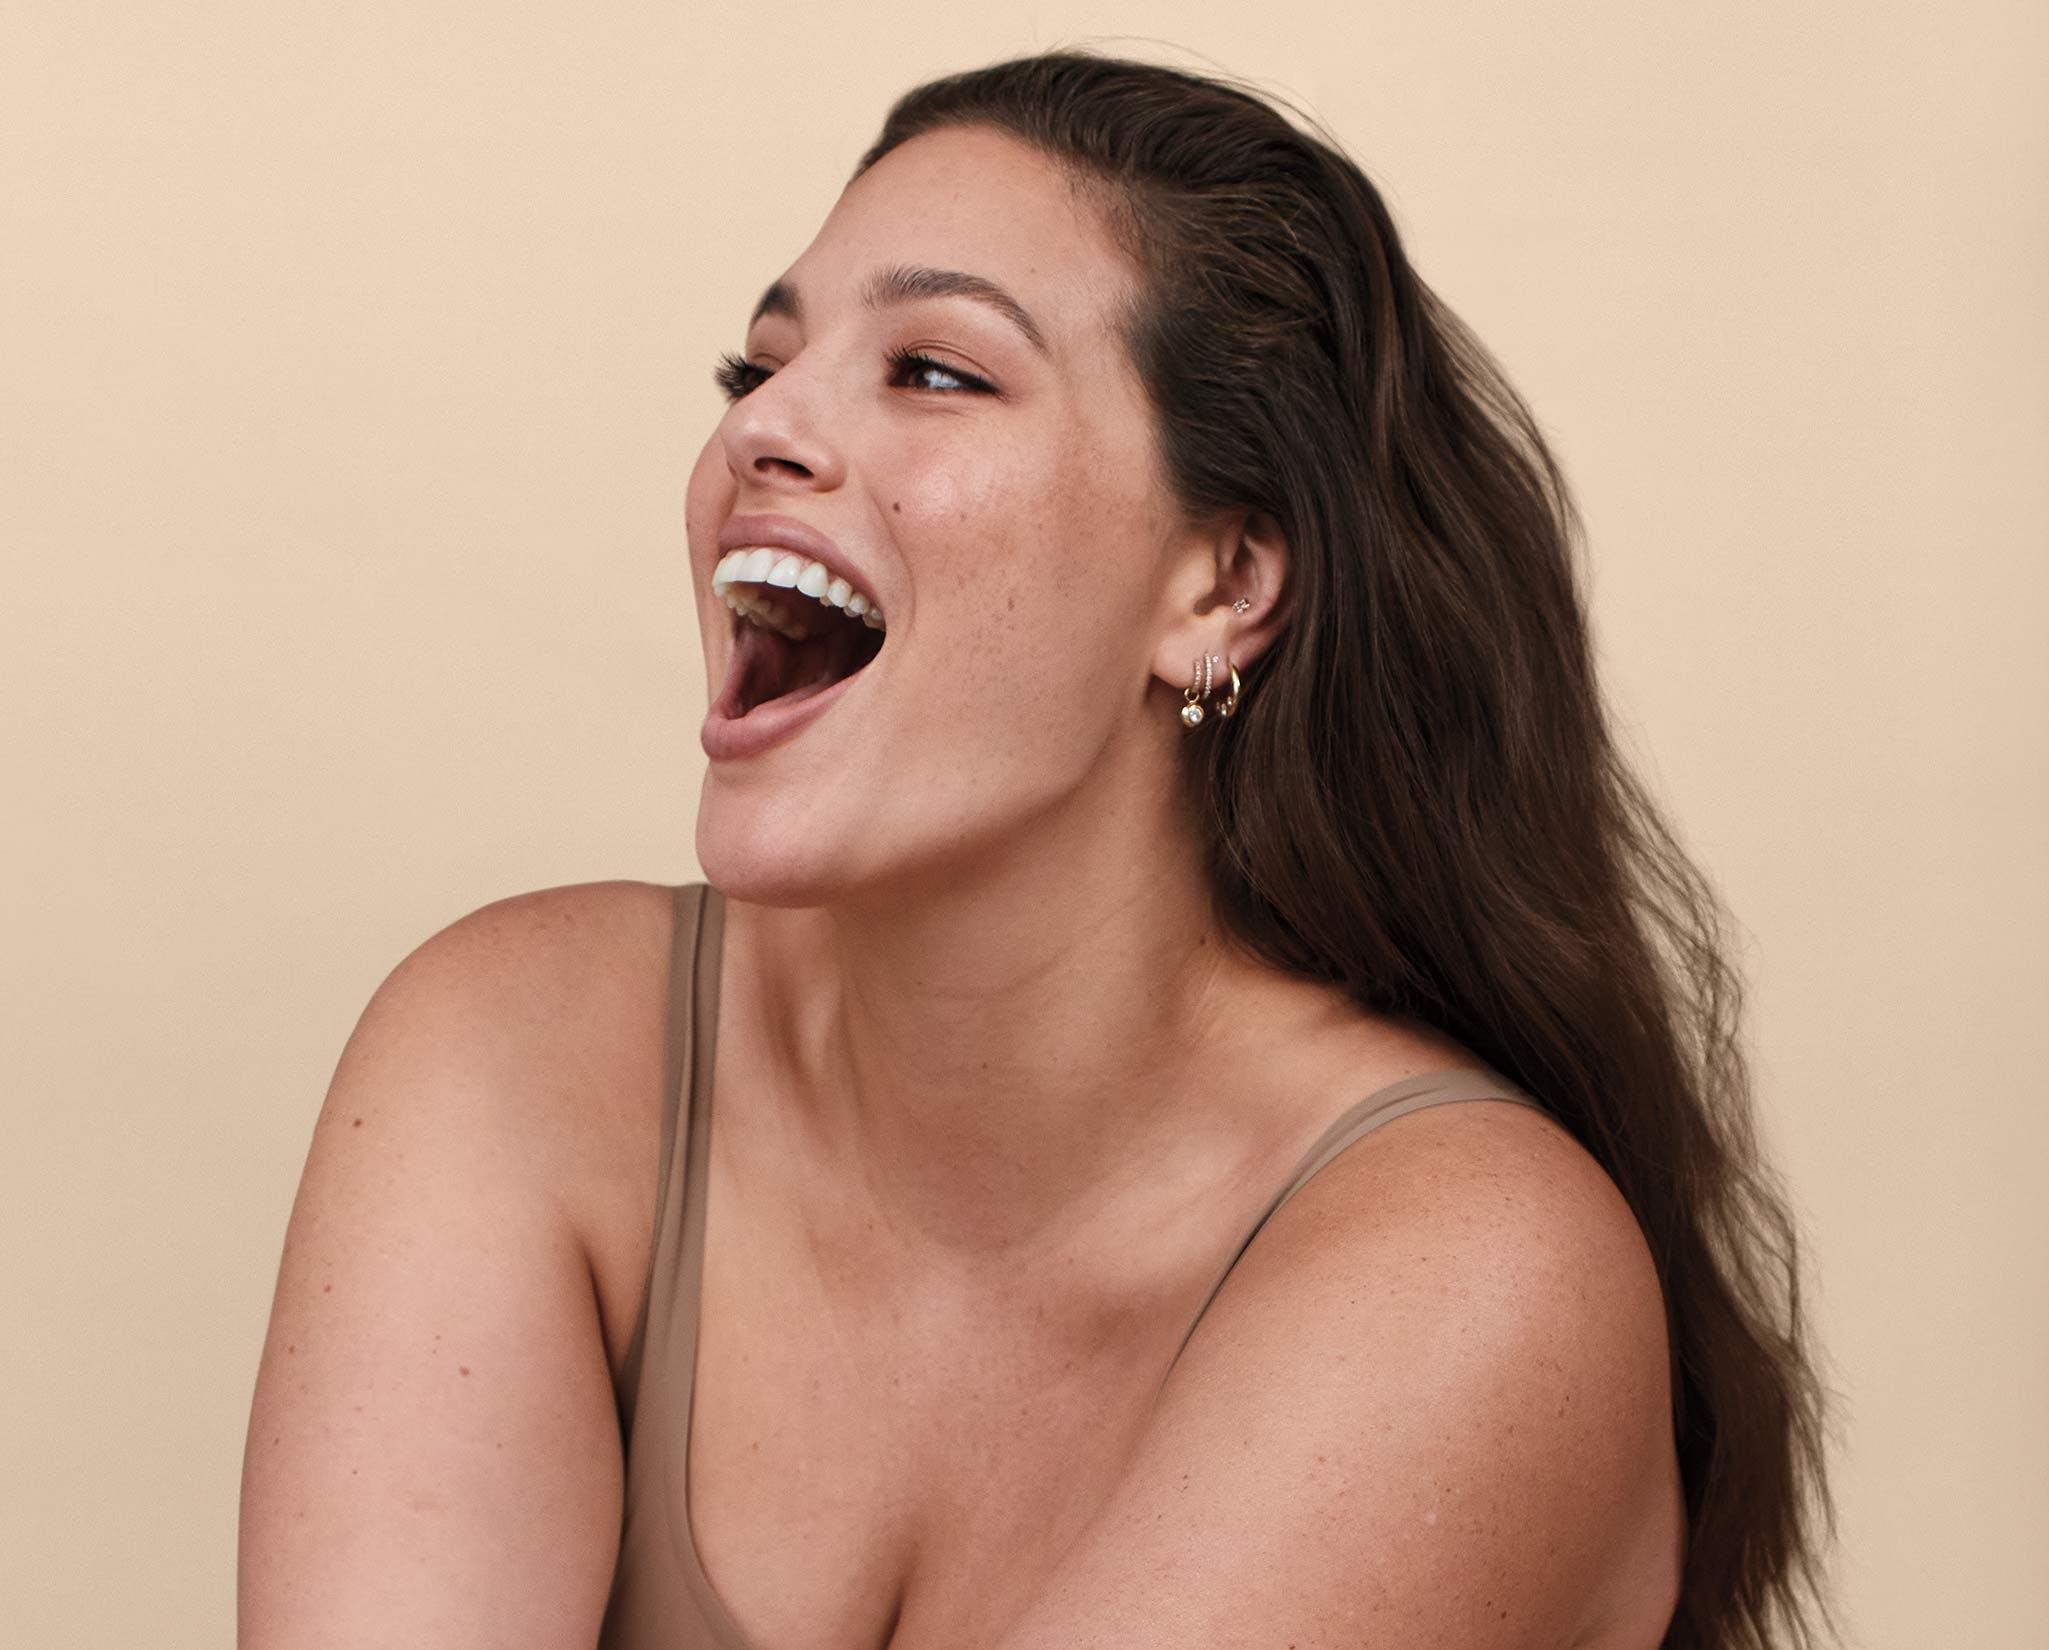 Ashley Graham smiling